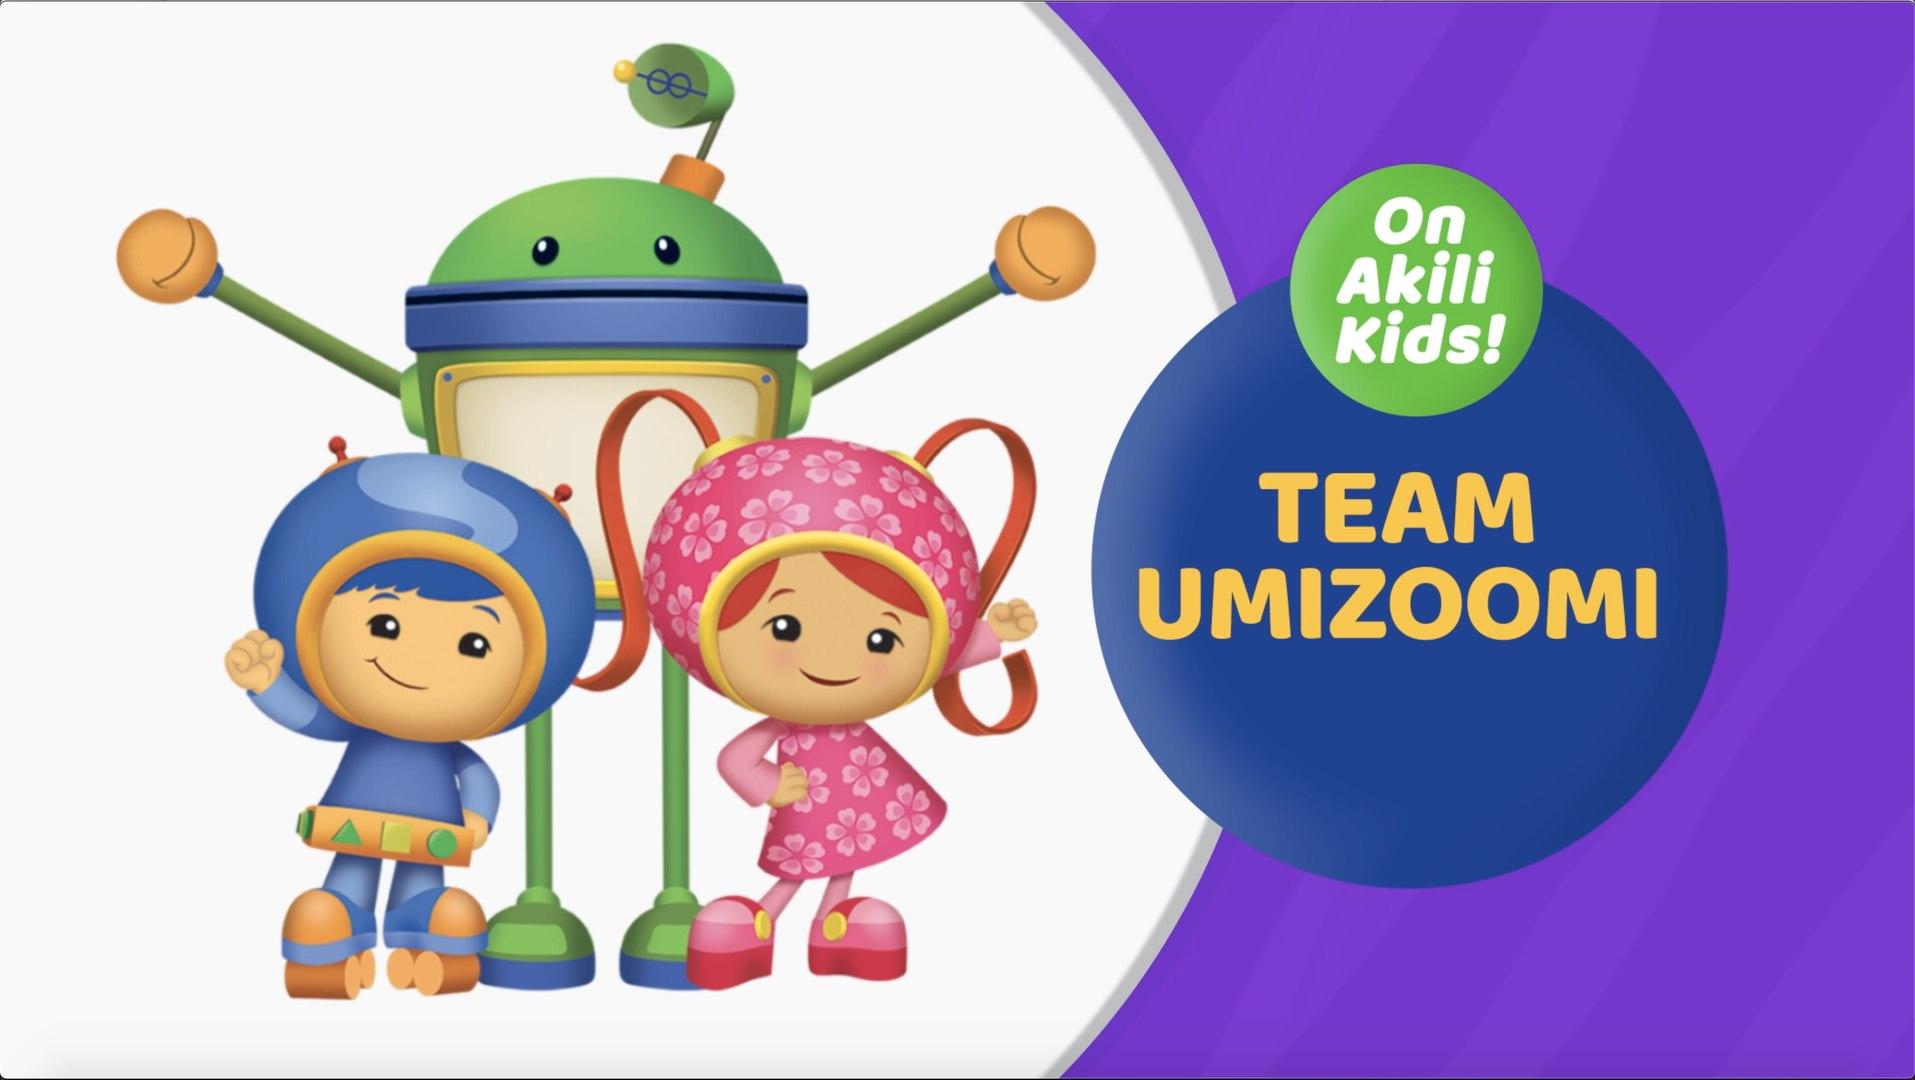 Team Umizoomi on Akili Kids! TV